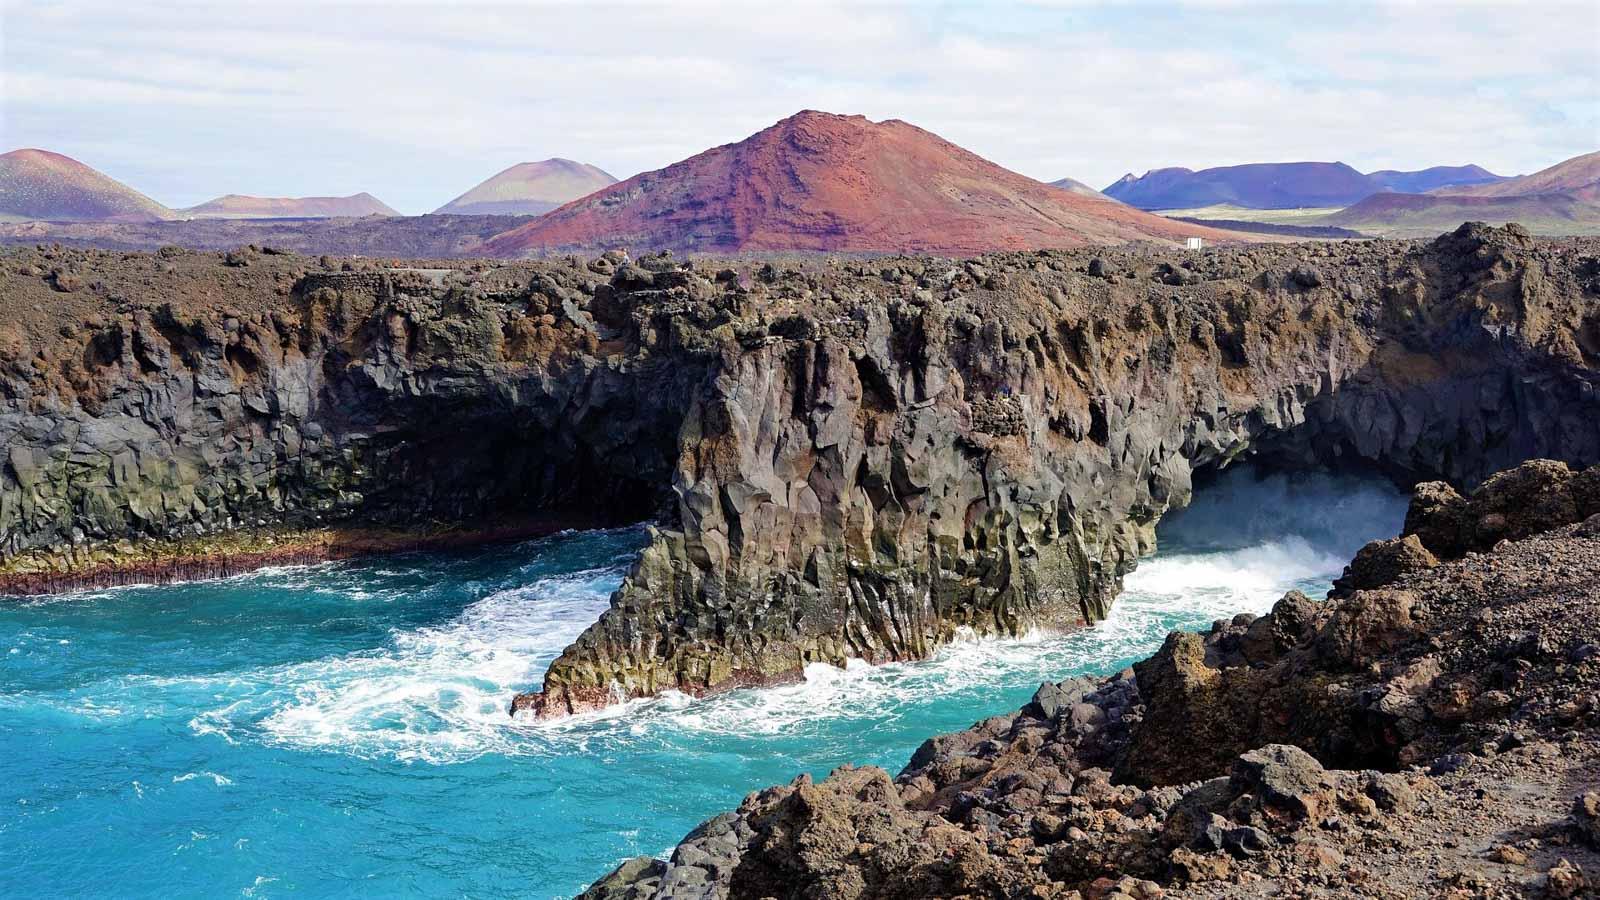 На Канарах очень остро понимаешь, что ты в океане. Переходя между островами, ловишь себя на мысли, что за горизонтом нет ничего, кроме открытой воды на тысячи морских миль. Когда-то острова считались краем земли, и лишь вспоминая современные карты, воображение рисует где-то там, за днями и неделями пути – Америку, Гренландию, Африку, Антарктиду… Для любителей моря и ветра ходить под парусом на Канарах – истинное удовольствие. Длинная волна и океанская зыбь в пару метров, длинные переходы и ходовой ветер, открытый океан и особенности прибрежного плавания, когда ветер находит полосами, возможность походить всеми курсами: полный драйва острый бейдевинд с сильными кренами, комфортный галфвинд, уносящий вперёд бакштаг и «полёт бабочки» на фордевинде. Океан оказался гораздо более добродушным, чем ожидалось. За две недели яхтинга непромоканцы, припасённые на штормовую погоду, так и остались в рундуках, небо было безоблачным, а вода звала купаться. И всё же это царство воды не сравнимо по силе и энергии с морем, и хоть сезон штормов остался позади, погода радует солнечными днями а ветер - ровный Ост 20-25 узлов, но спокойствие это видимое и сменяется в пять минут на штормовые порывы и волну 4-5 метров. Это не открытый океан, и острова Канарского архипелага создают свой микроклимат, свои ветра. На южном побережье Тенерифе почти ураганный ветер и море барашками уступает место штилю, а собравшись спокойно пообедать, за минуту приходиться натягивать перчатки и ставить паруса либо рифиться. Океан испытывает каждого, и лишь в созвучии с ним, читая его знаки по облакам, ряби на воде, шёпоту волн, посвисту ветра, угадываешь его настроение, улыбаешься ветру в лицо и благодаришь за чудесный день на яхте и благополучно возвращаешься в гавань. Острова Канарского архипелага – также подарок океана. Неутомимые вулканы столетие за столетием выплёскивали лаву в океан, пока их вершины не поднялись над водной гладью. Но и в наши дни острова остаются живыми – они растут, извергаются, меняются,